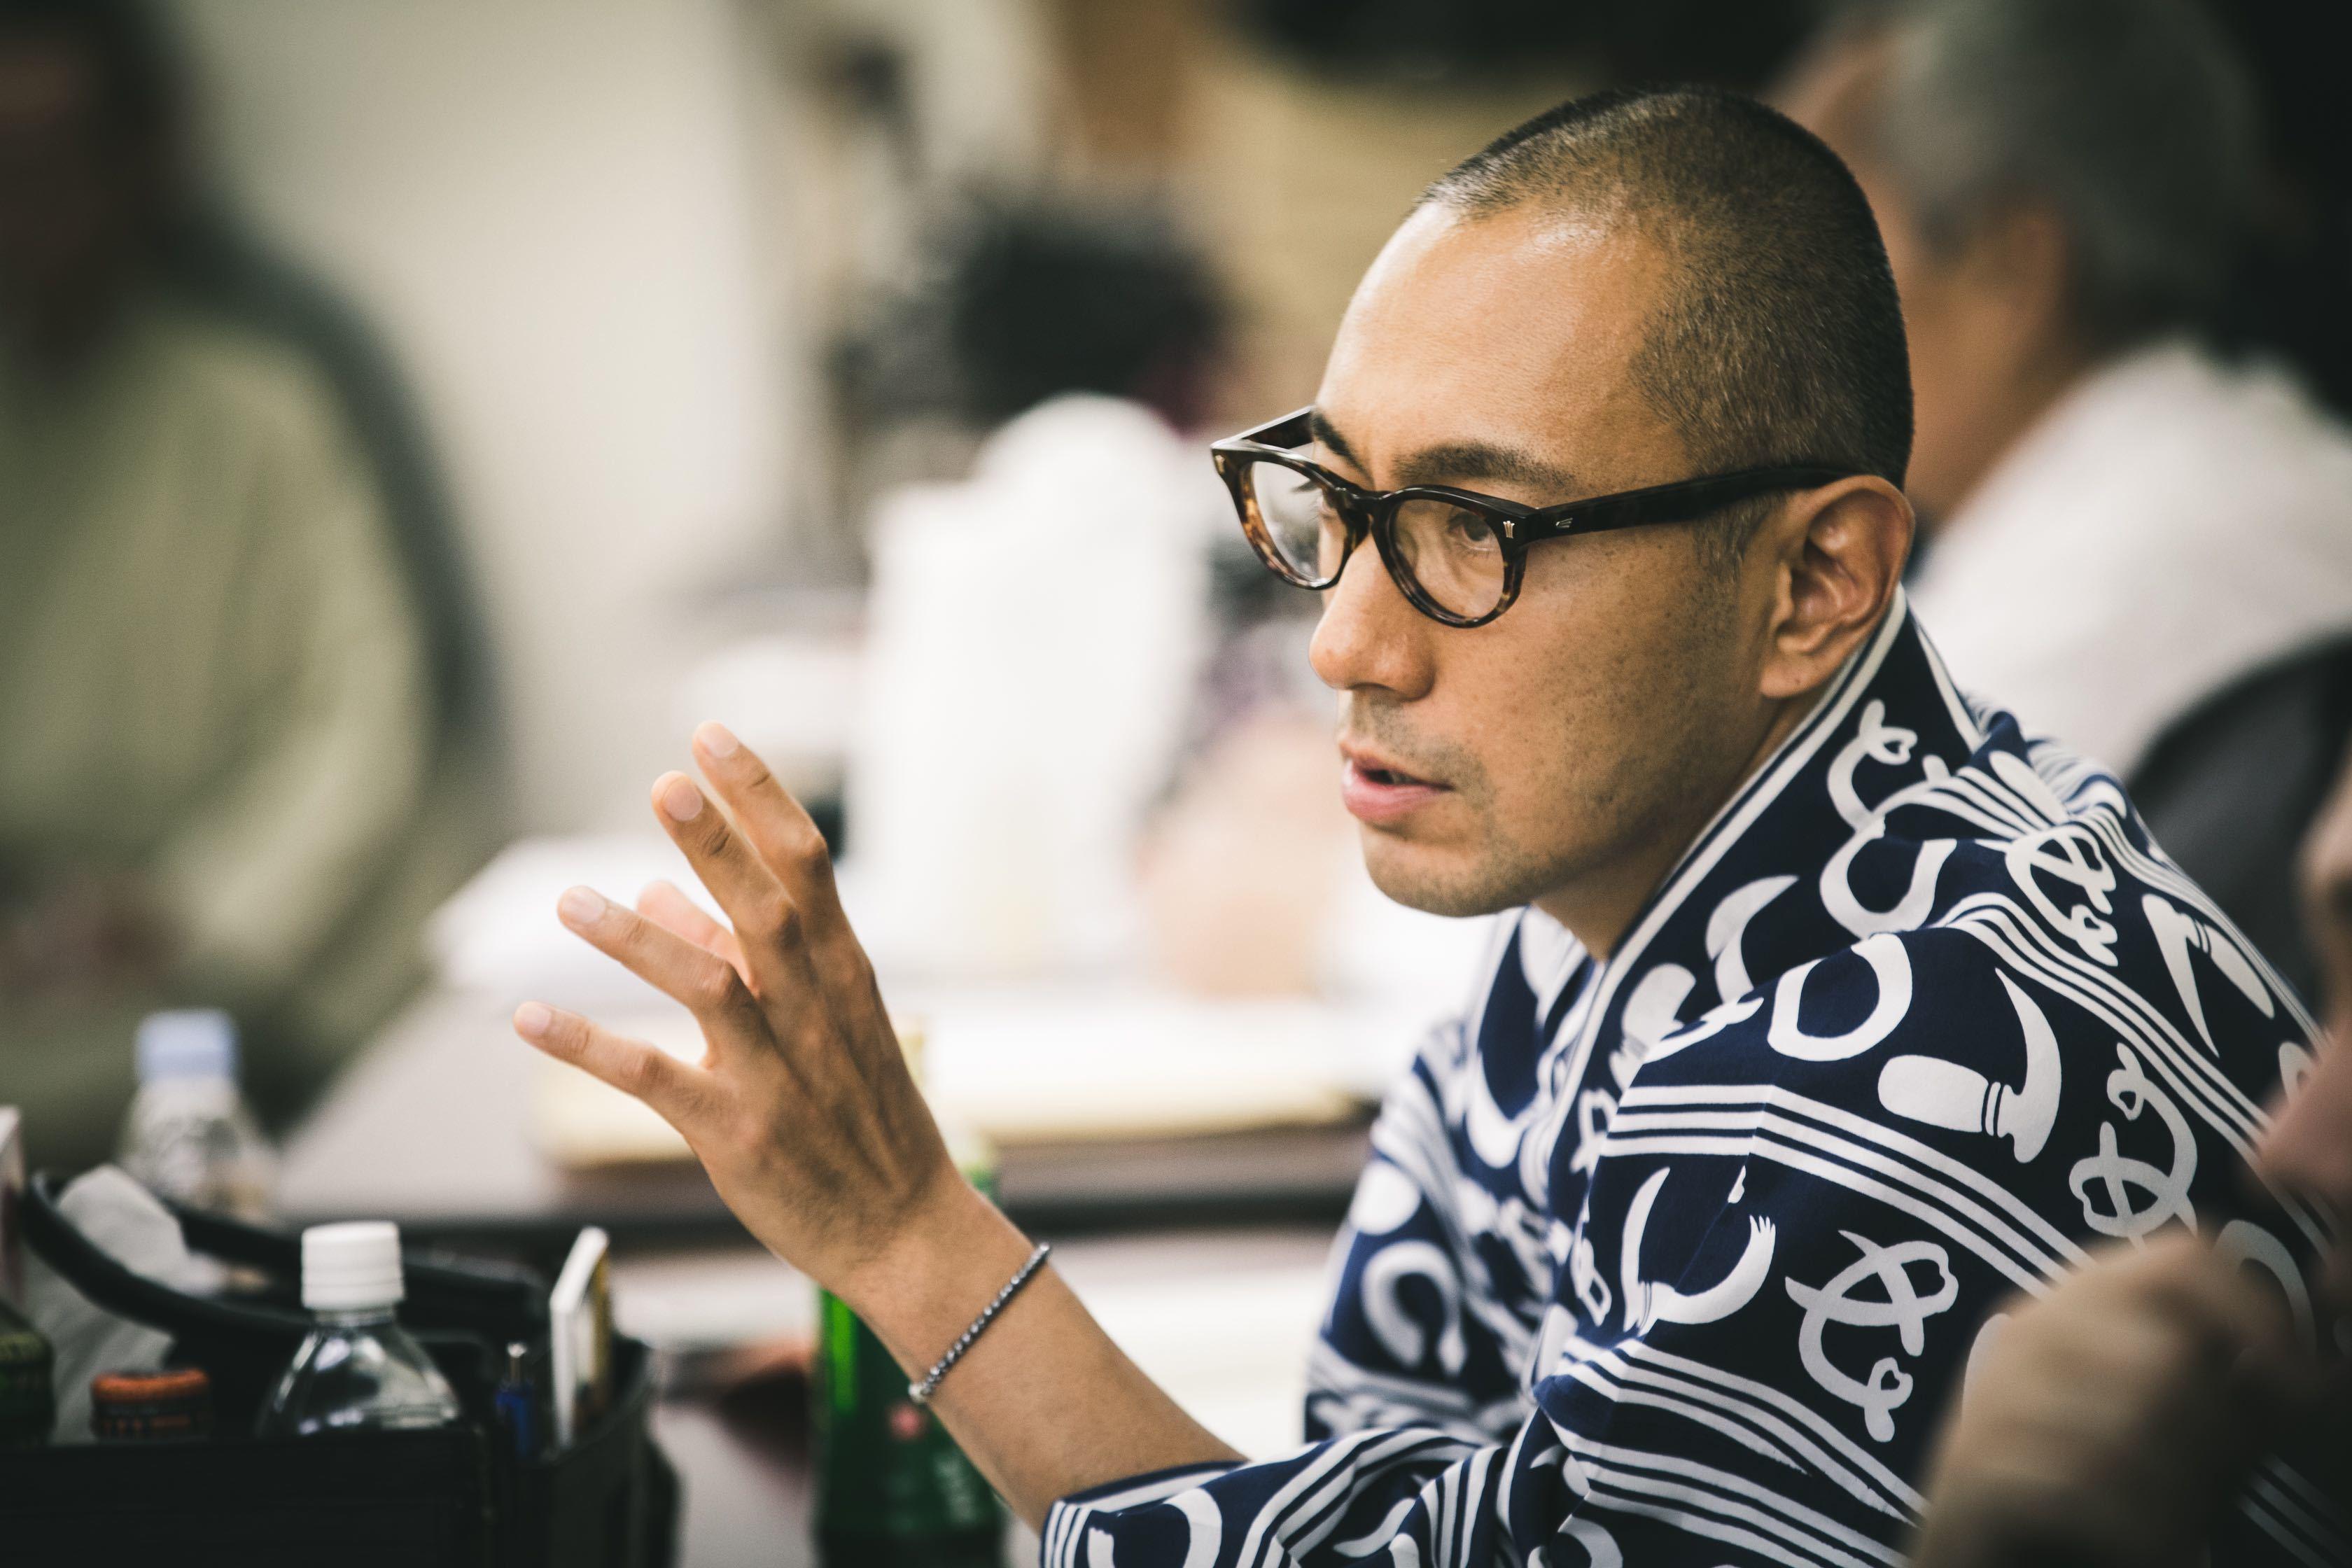 市川海老蔵 第四回自主公演 ABKAI 2017 『石川五右衛門 外伝』